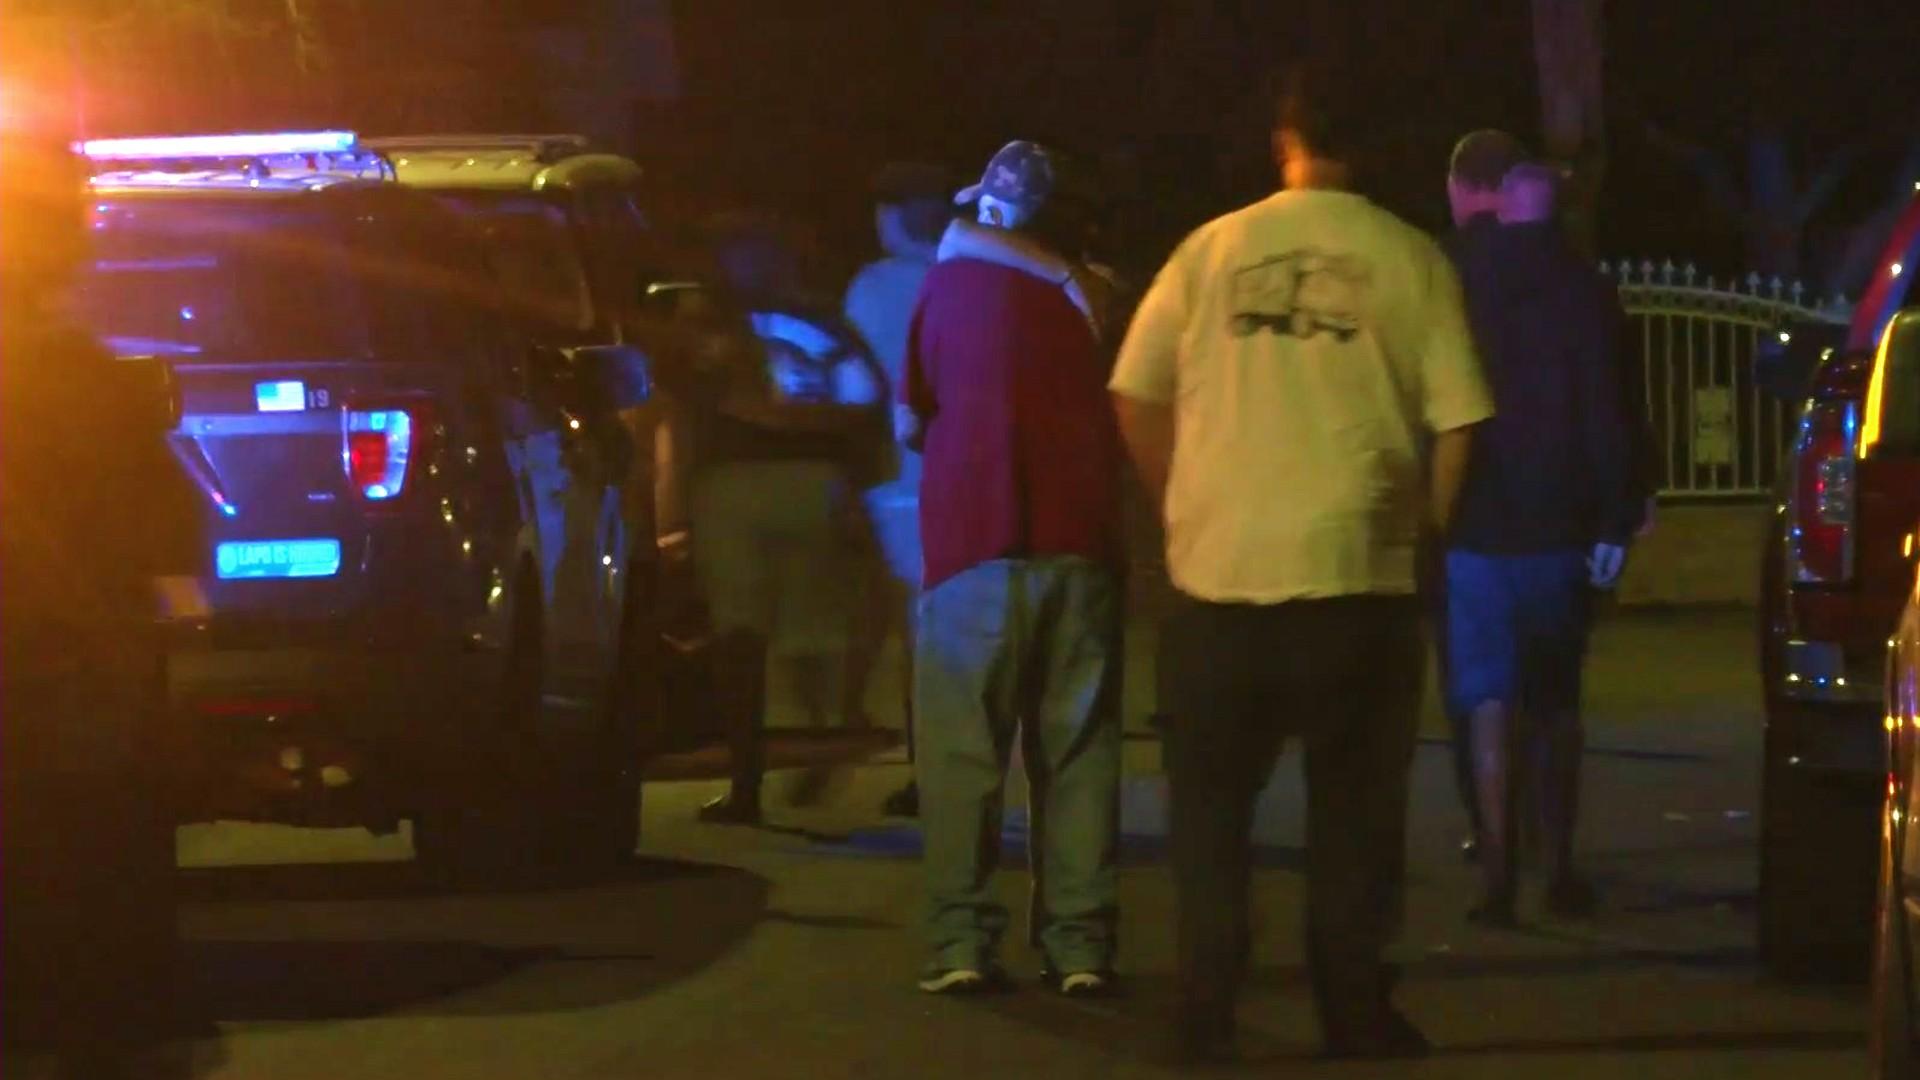 People gather during a homicide investigation in Sylmar on Sept. 7, 2021. (KTLA)